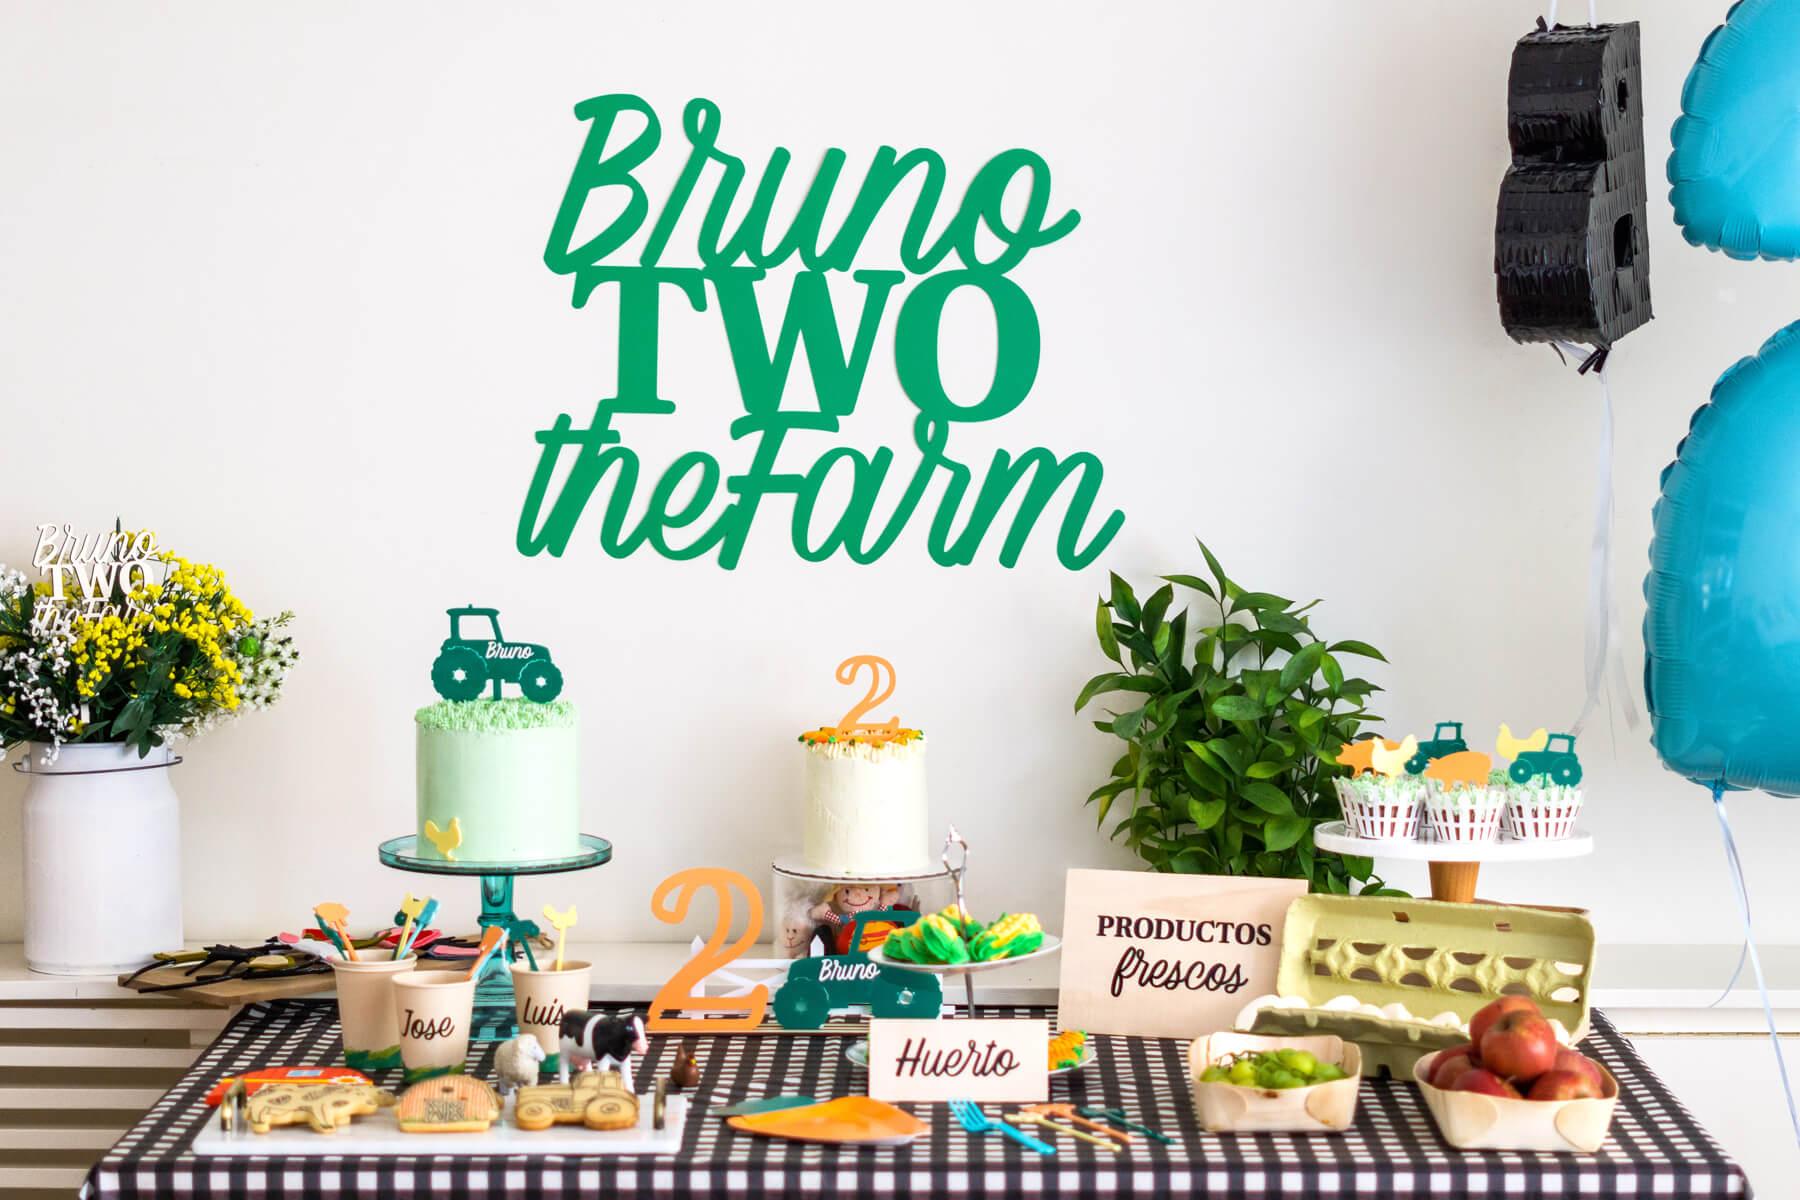 Fiesta cumpleaños de granja el segundo cumpleaños de Brunito no podían ser solo tractores. Descubre la granja según el universo knots.